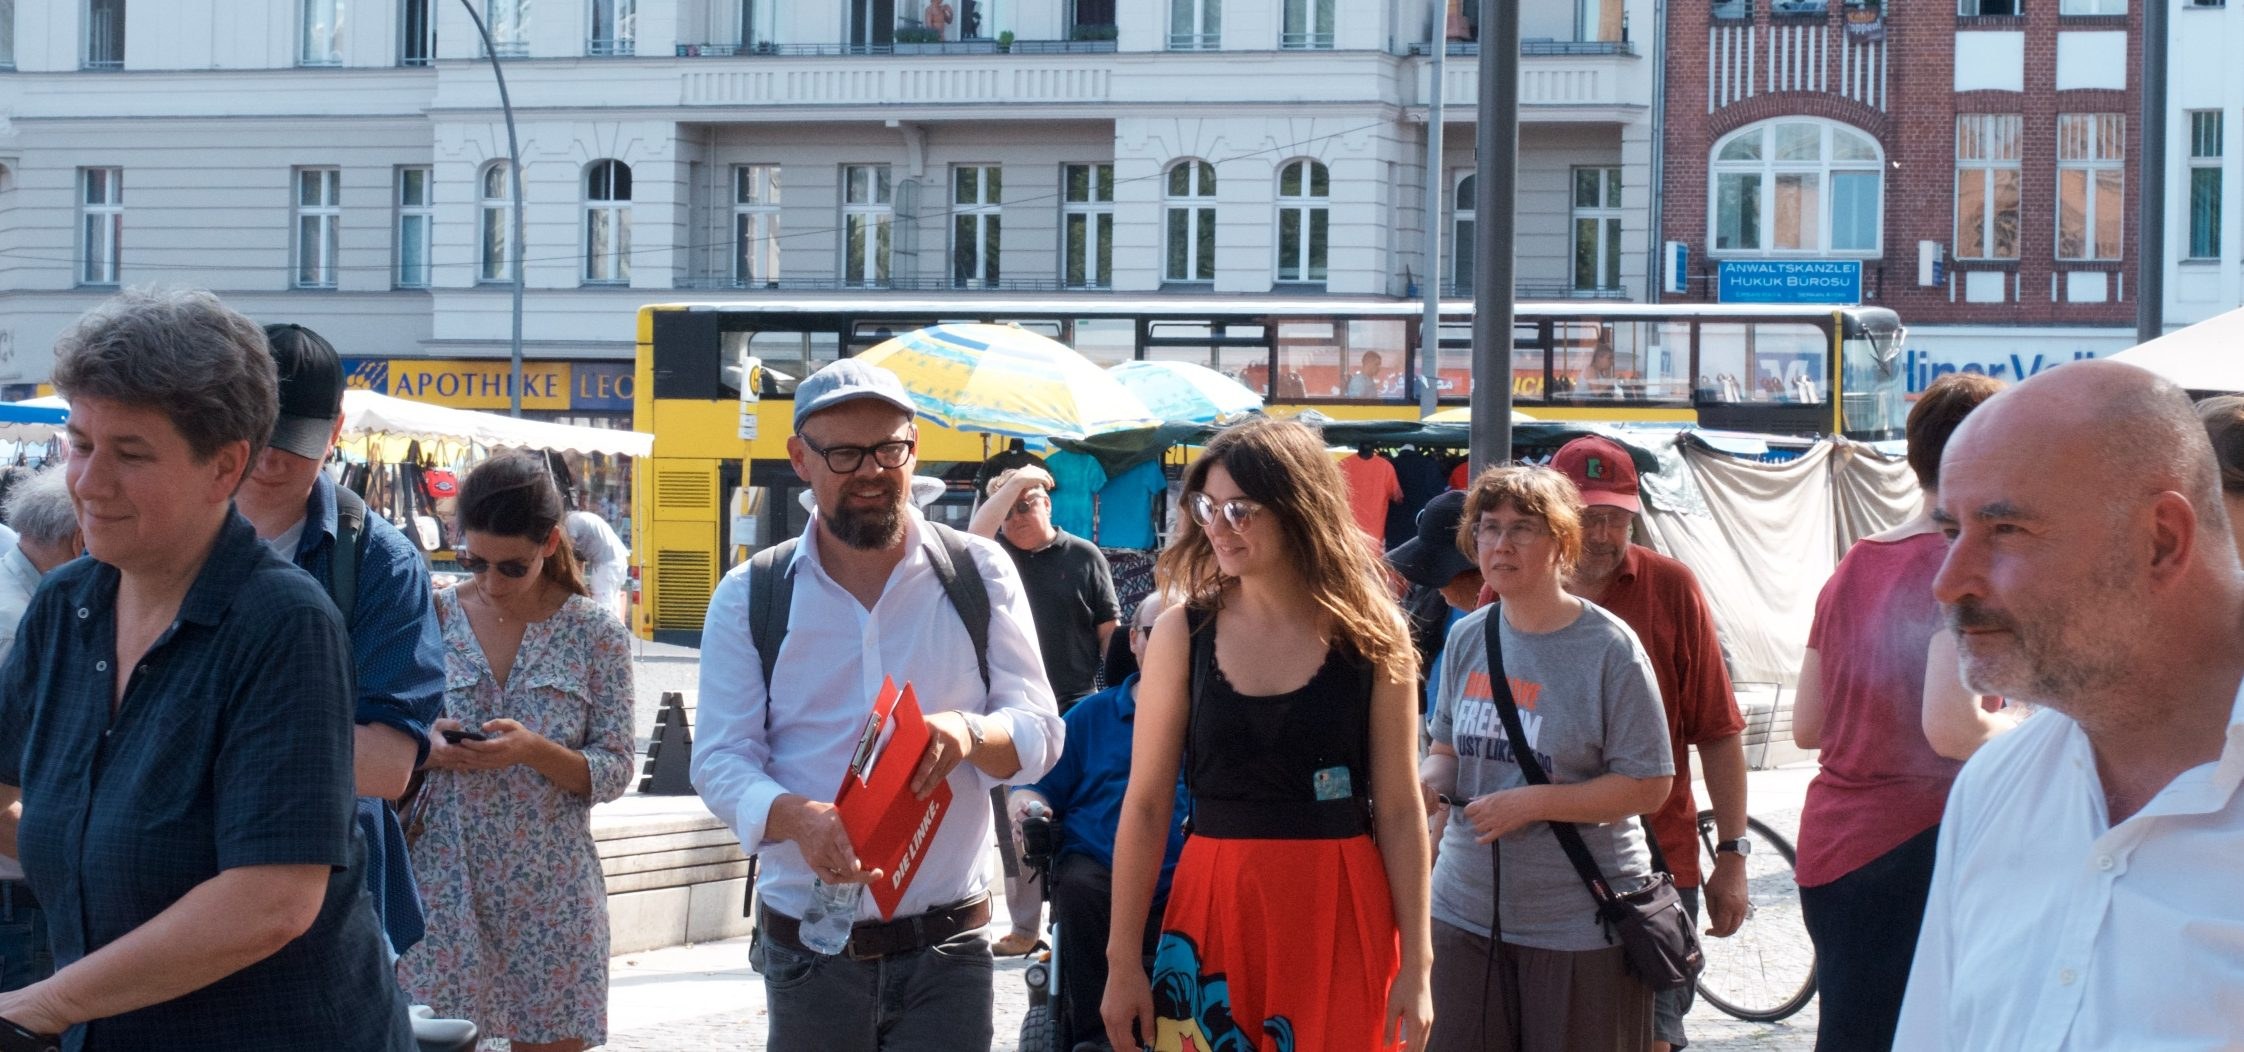 Spaziergang am Leopoldplatz